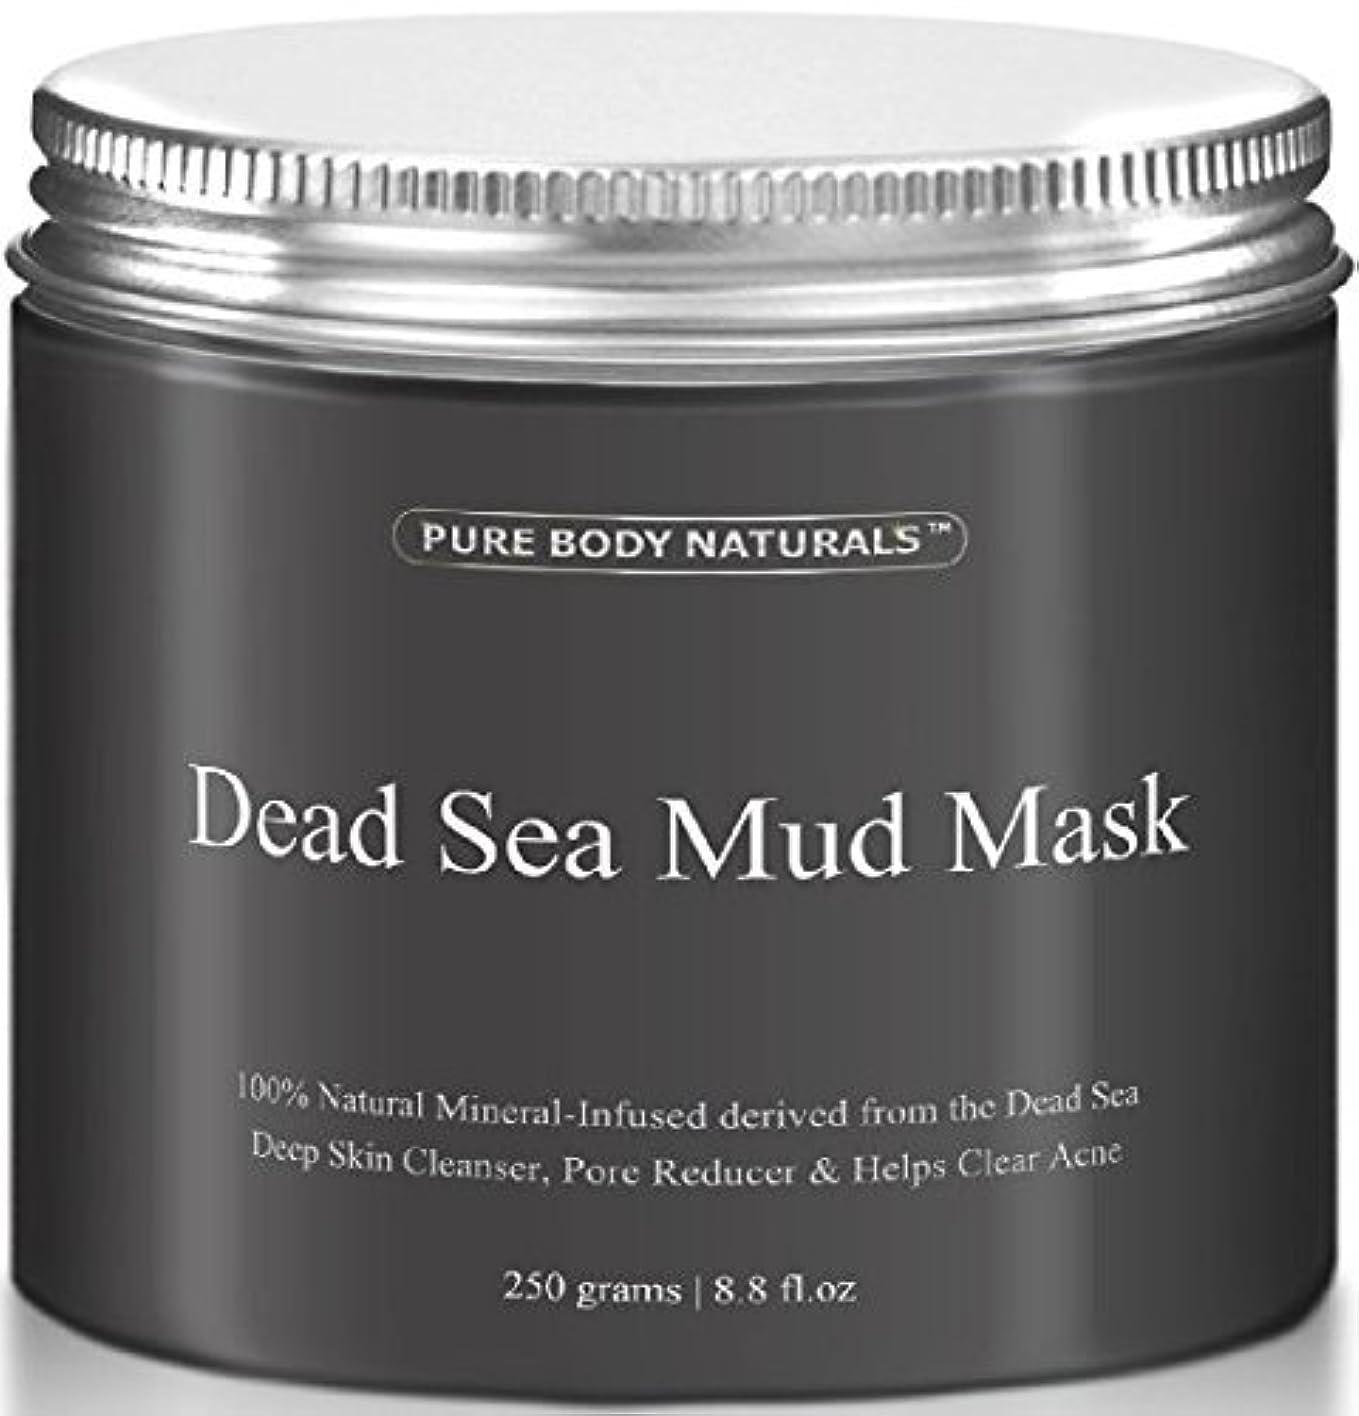 歩行者公爵従うDead Sea Mud Mask 死海の泥マスク 250g [並行輸入品]